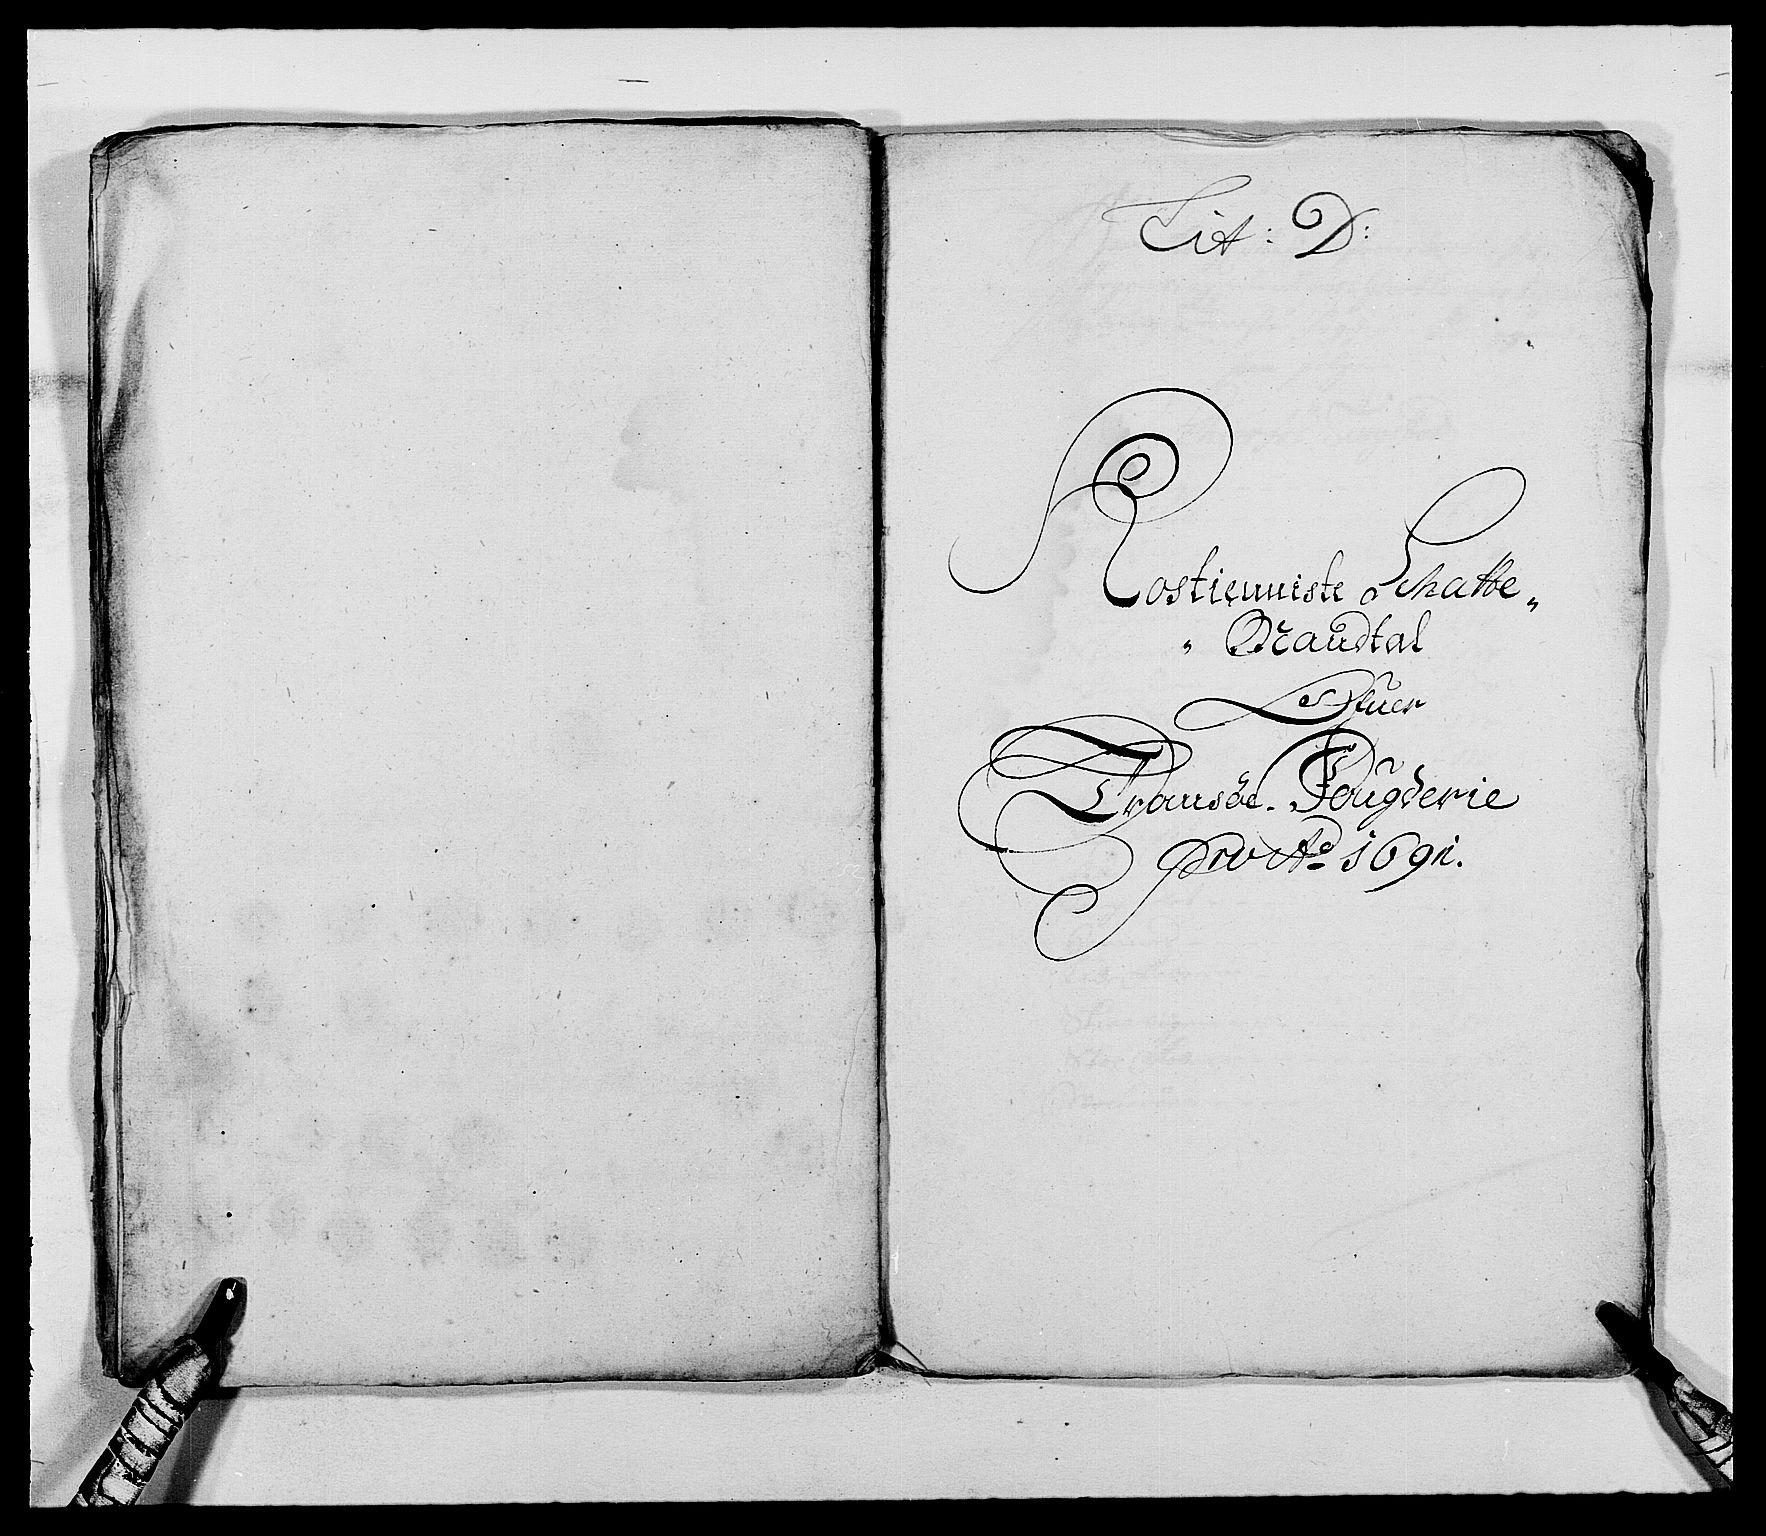 RA, Rentekammeret inntil 1814, Reviderte regnskaper, Fogderegnskap, R68/L4751: Fogderegnskap Senja og Troms, 1690-1693, s. 108